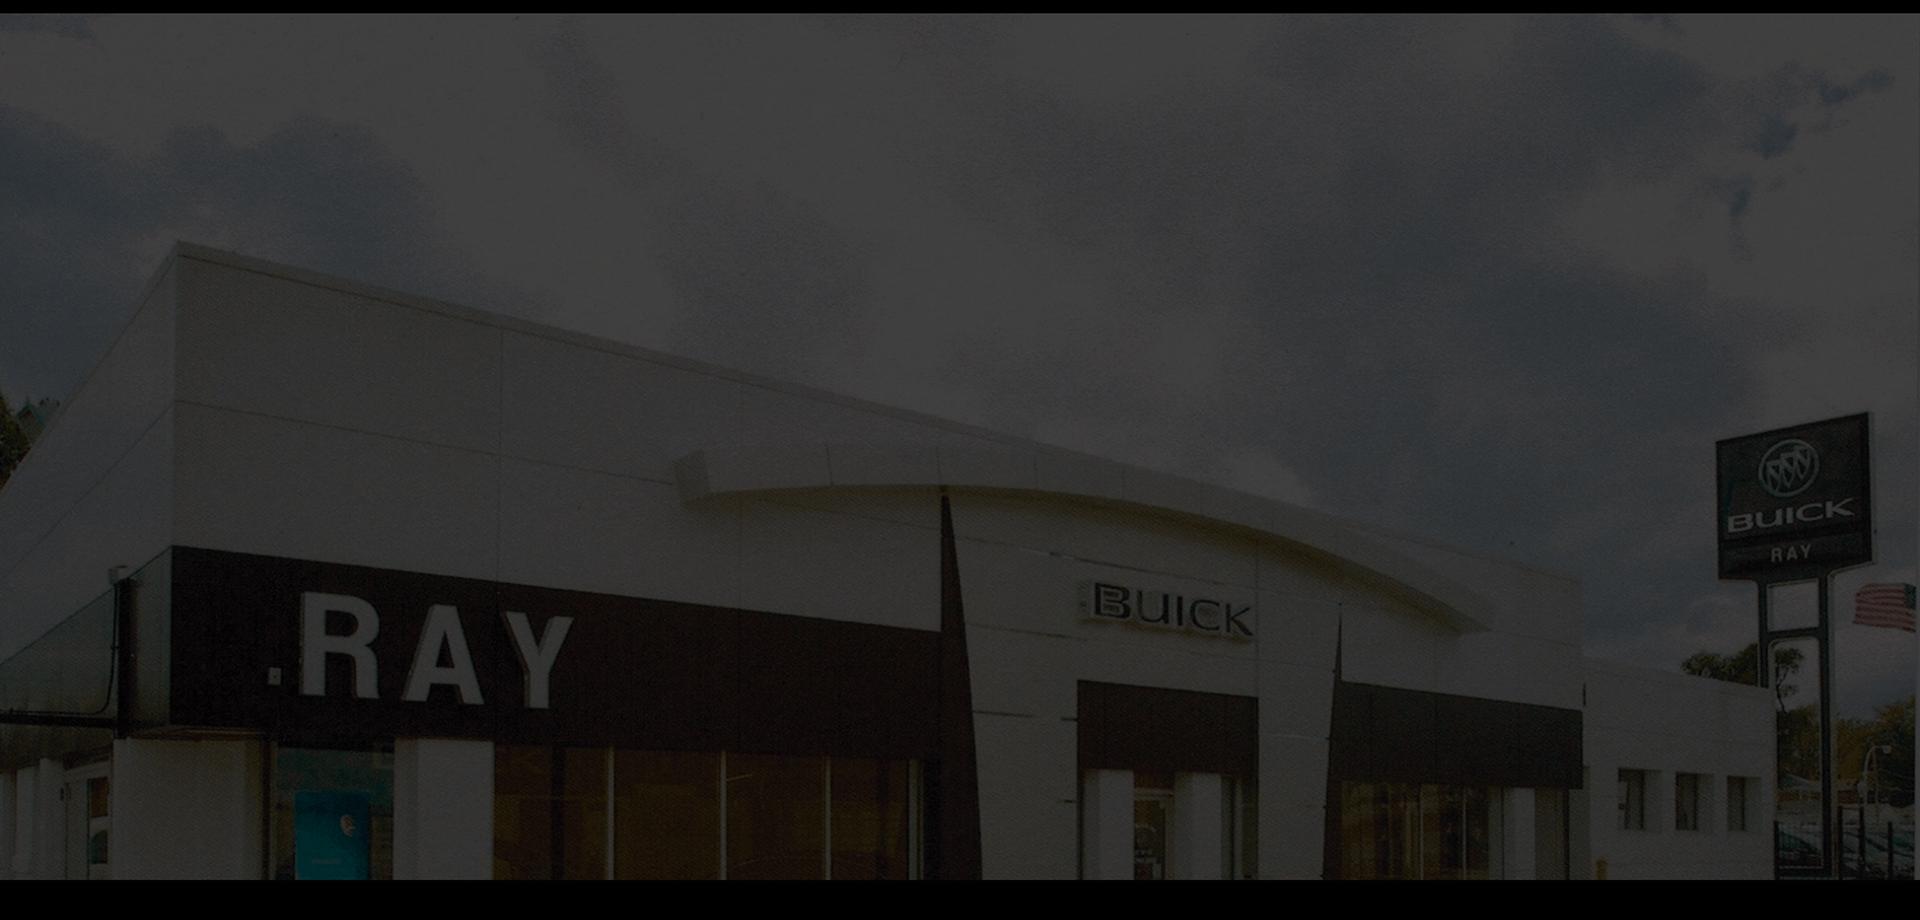 An exterior shot of a Buick GMC dealership building.